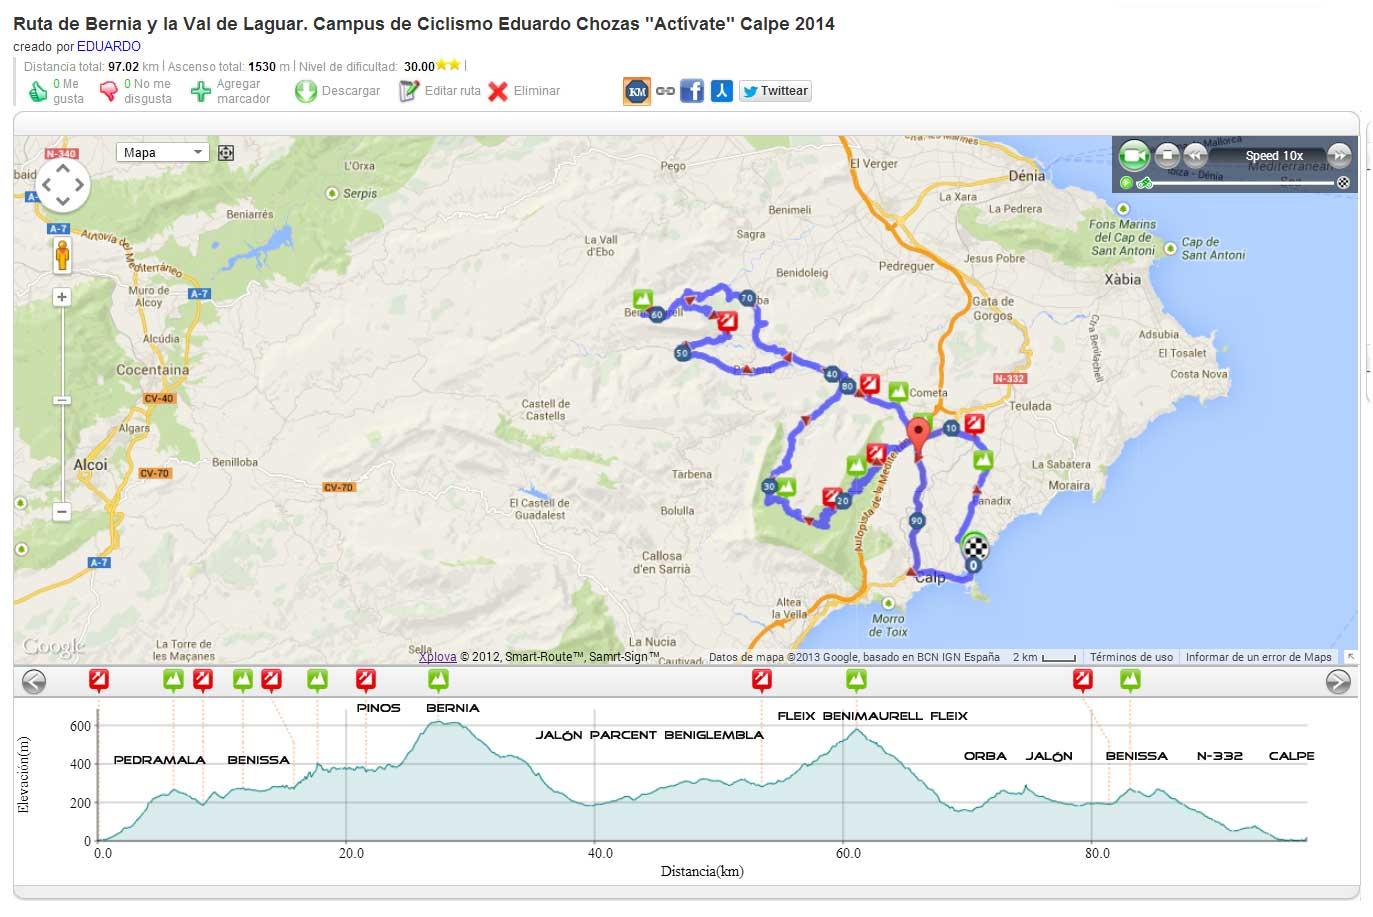 Ruta de Bernia y la Val de Laguar. Distancia total: 97.02 km | Ascenso total: 1530 m |